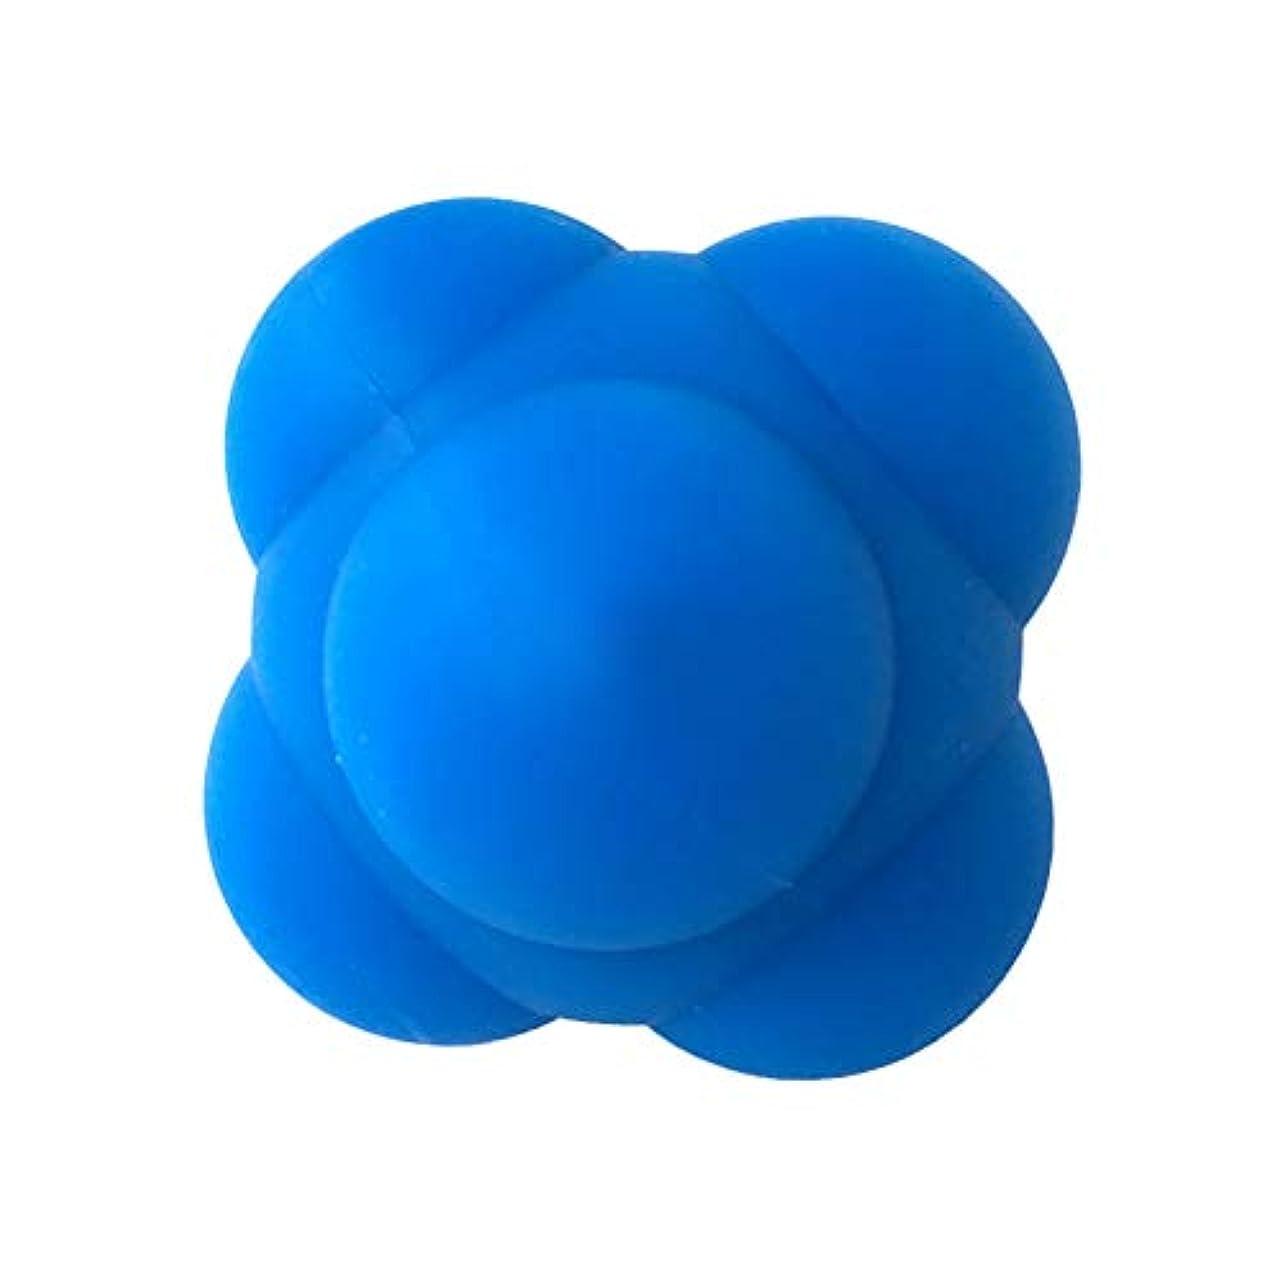 ペルメル恥ずかしさサミットSUPVOX 野球 練習用品 トレーニングボール ヘキサゴンボール リアクションボール スポーツボール6cm(青)